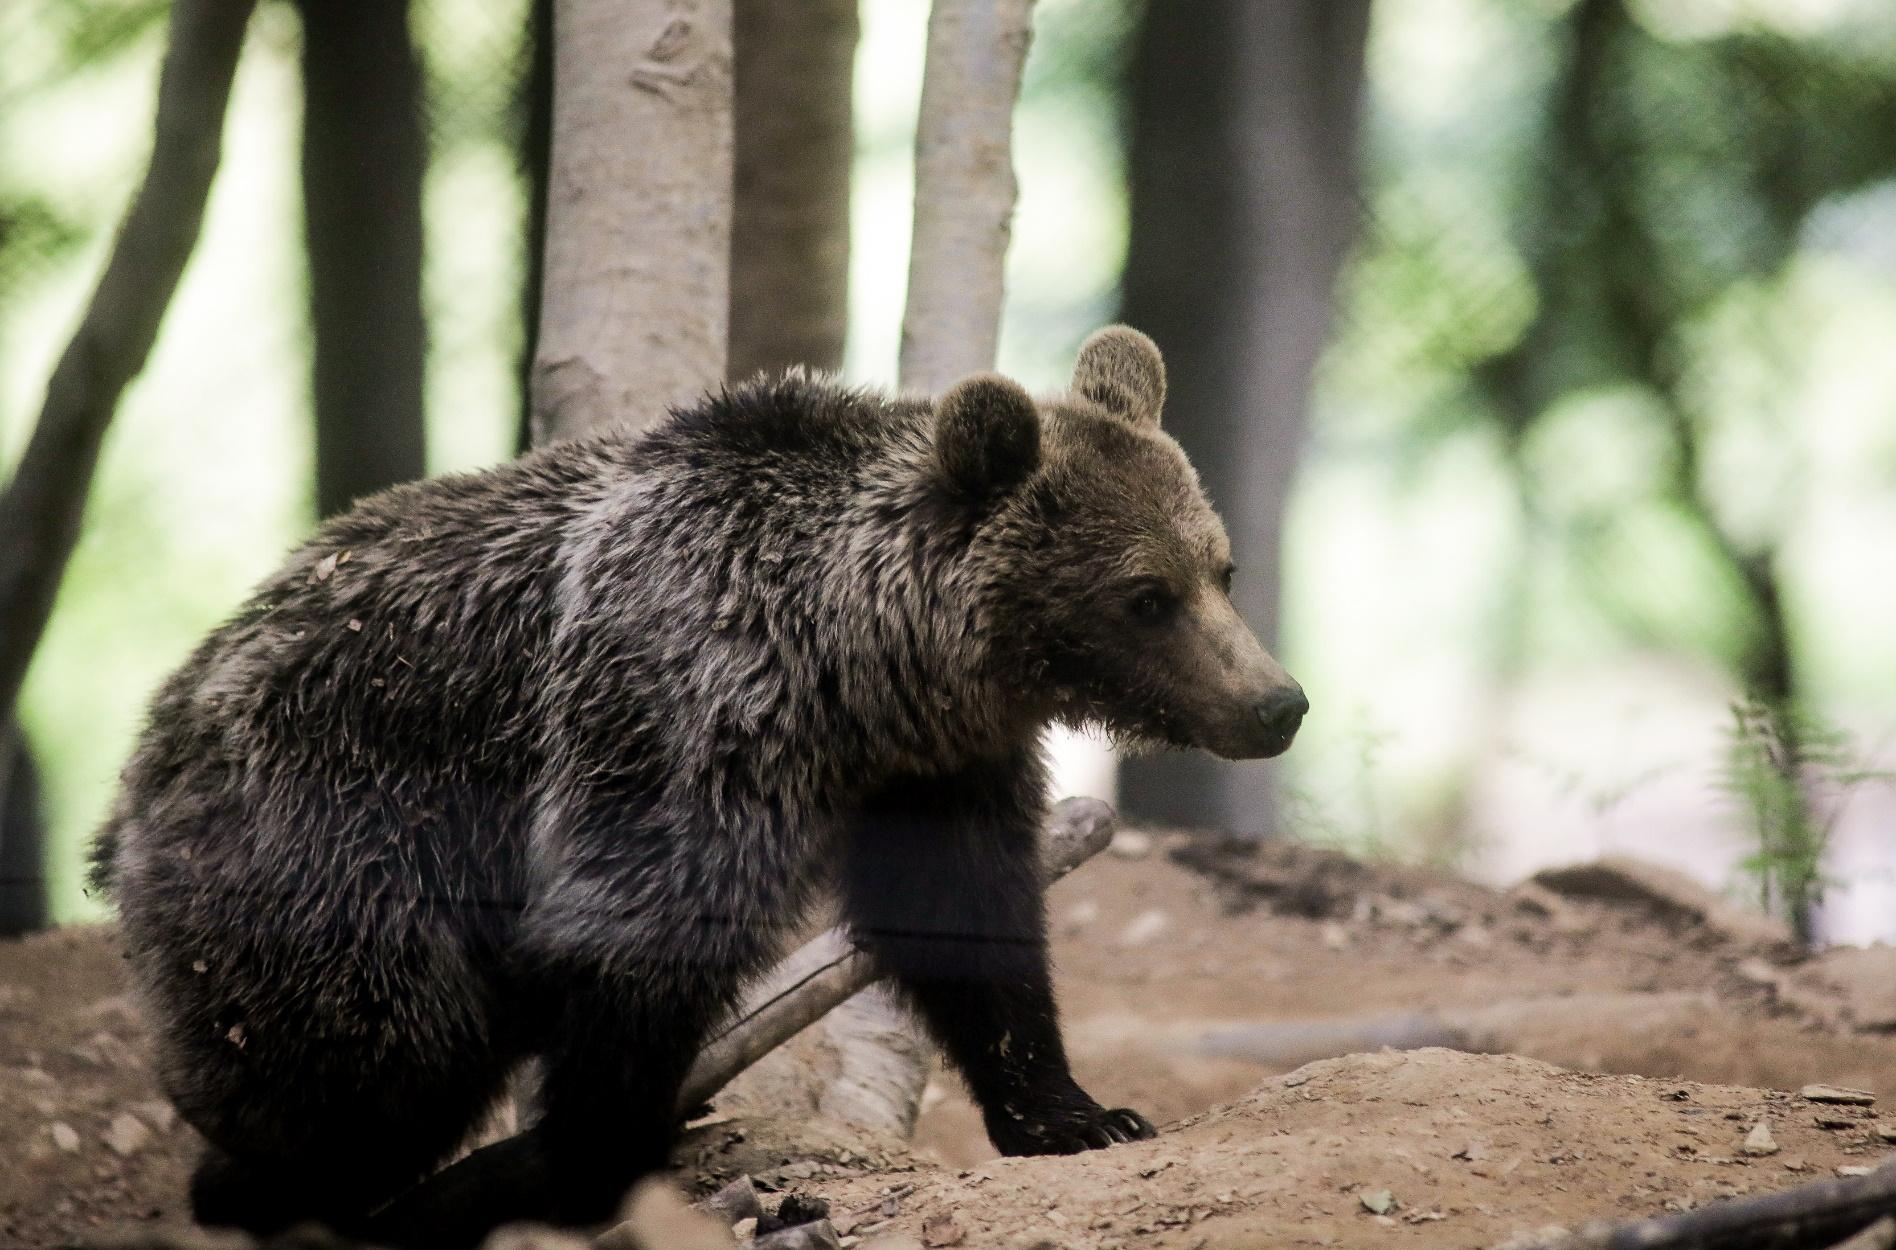 Κοζάνη: Ιππασία τρόμου! Αρκούδα πήρε στο κυνήγι άλογο και αναβάτη στην Πτολεμαΐδα!